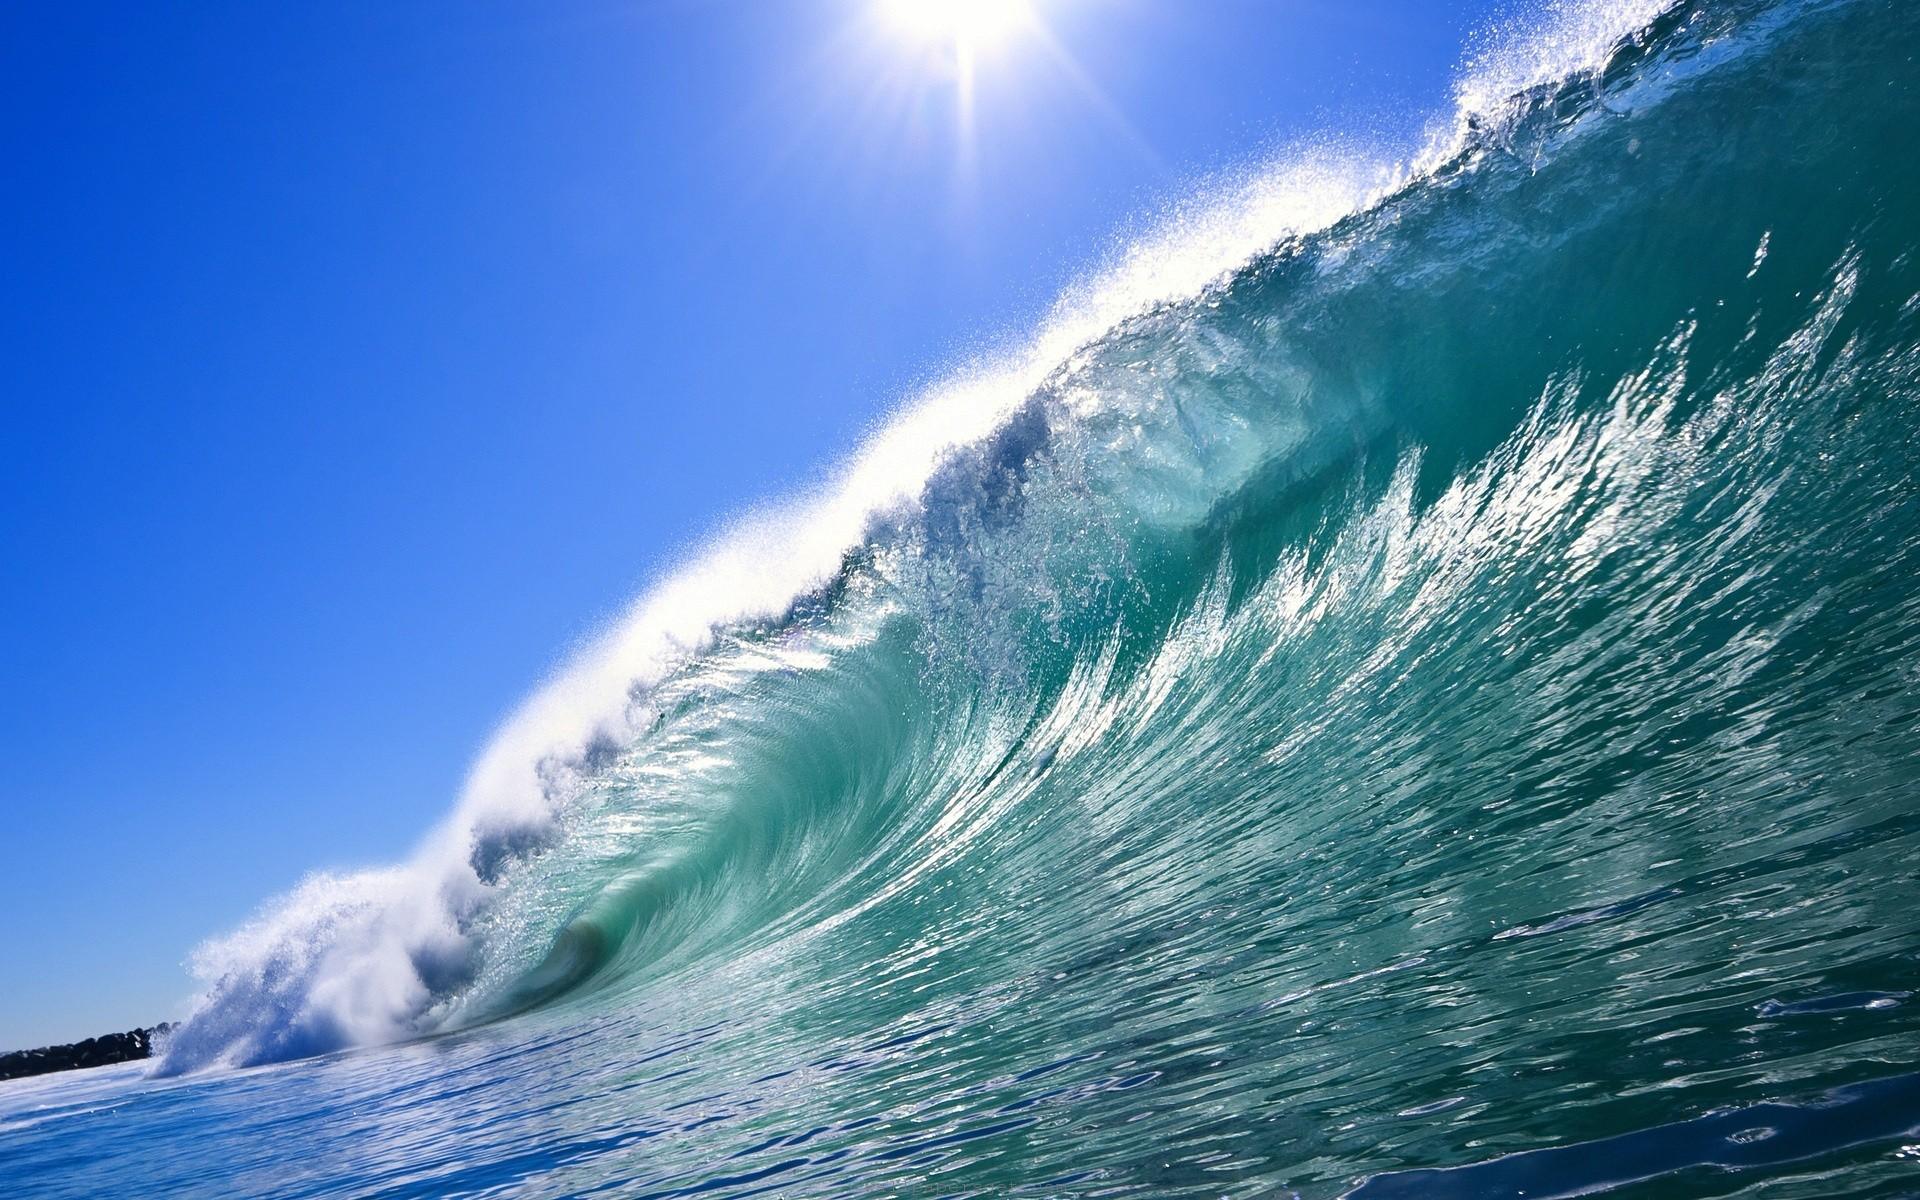 ocean wallpaper landscape